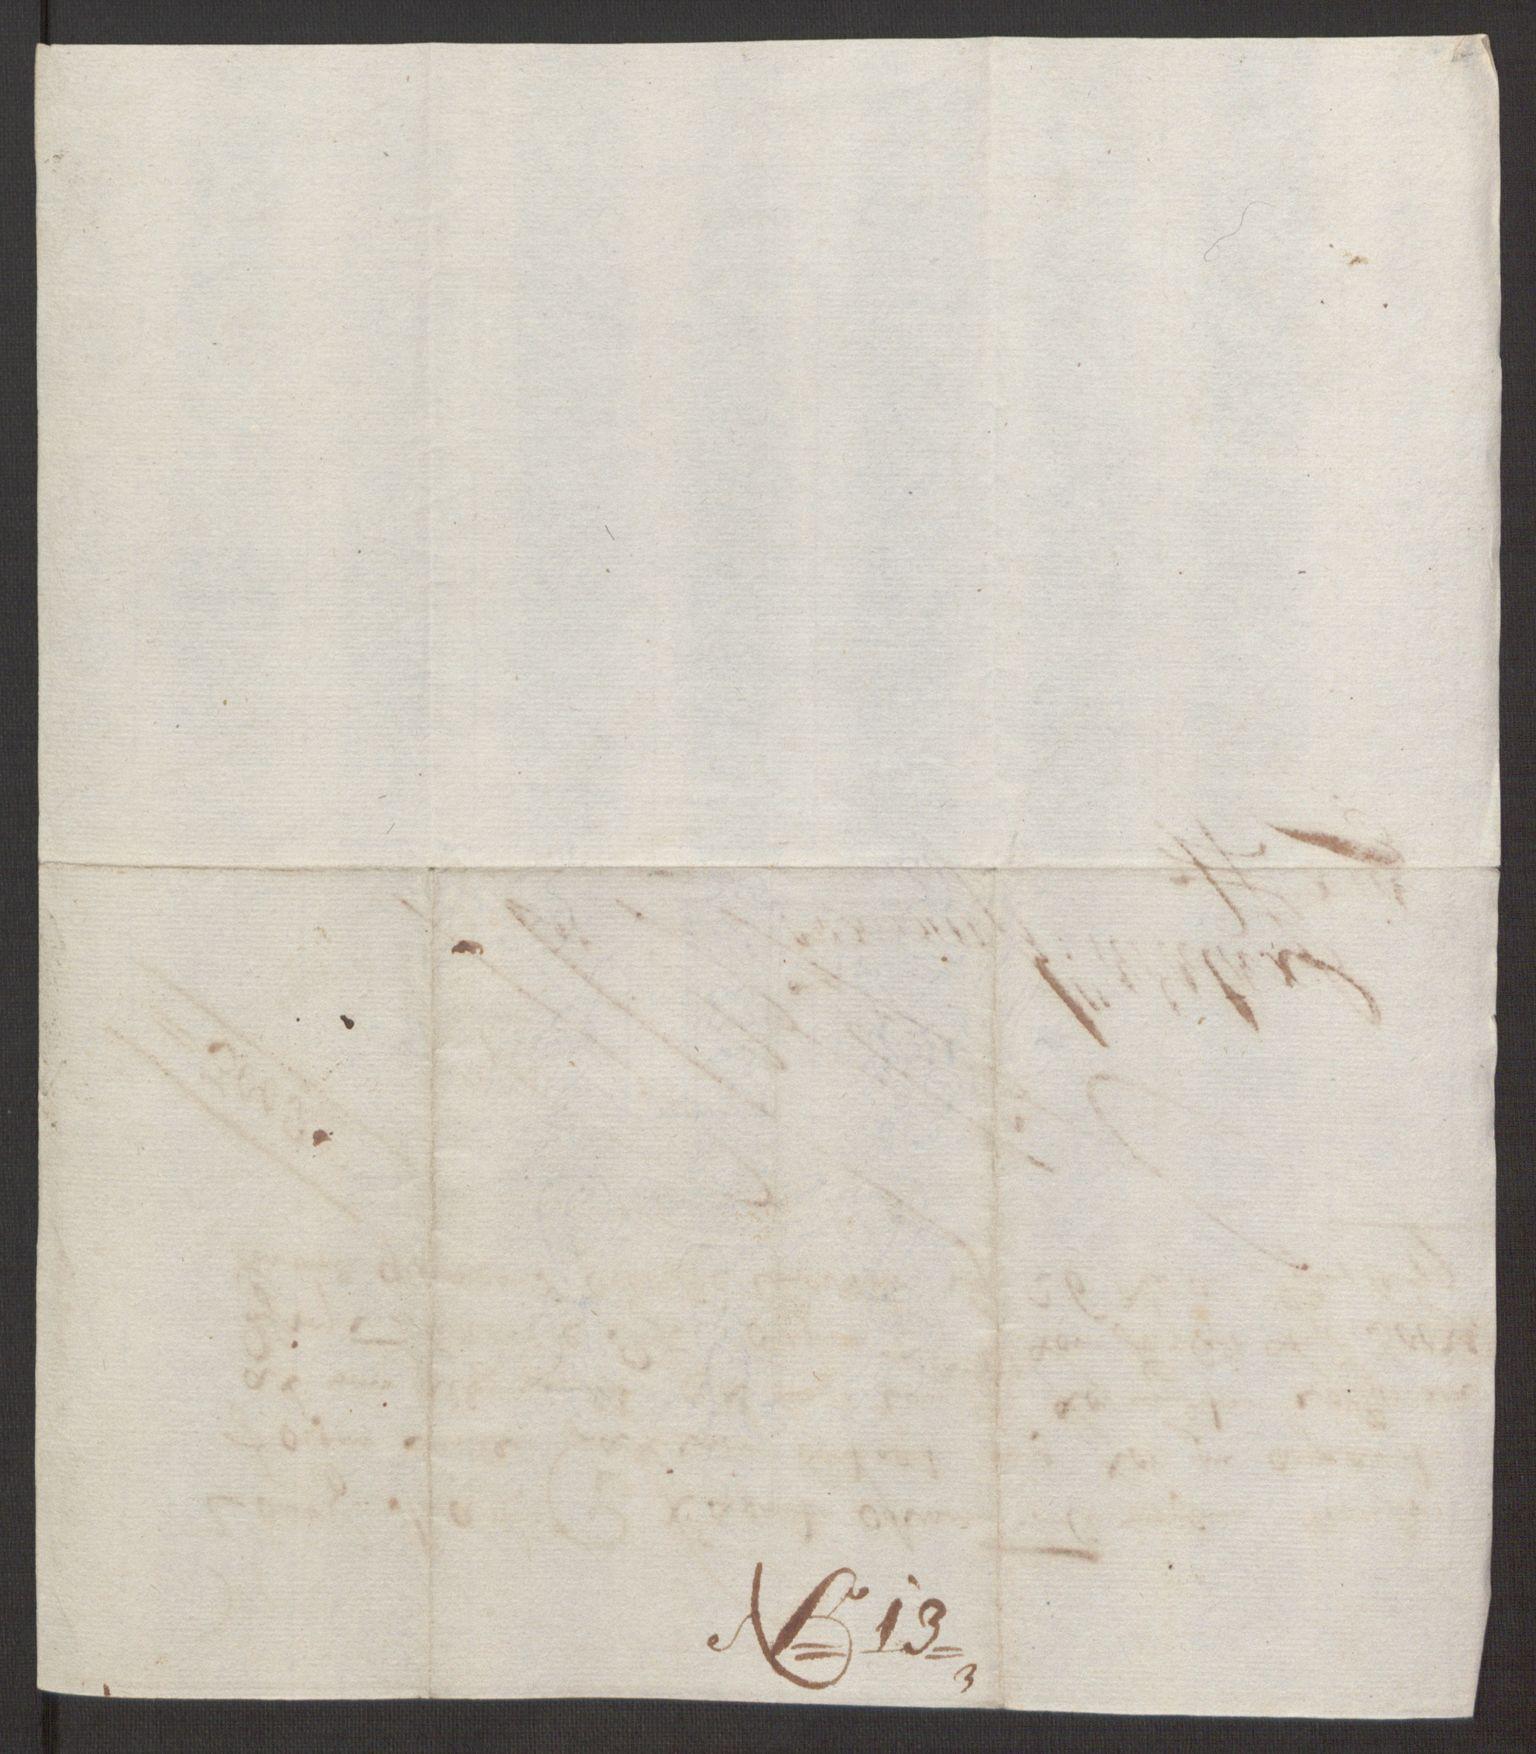 RA, Rentekammeret inntil 1814, Reviderte regnskaper, Fogderegnskap, R35/L2072: Fogderegnskap Øvre og Nedre Telemark, 1679, s. 275